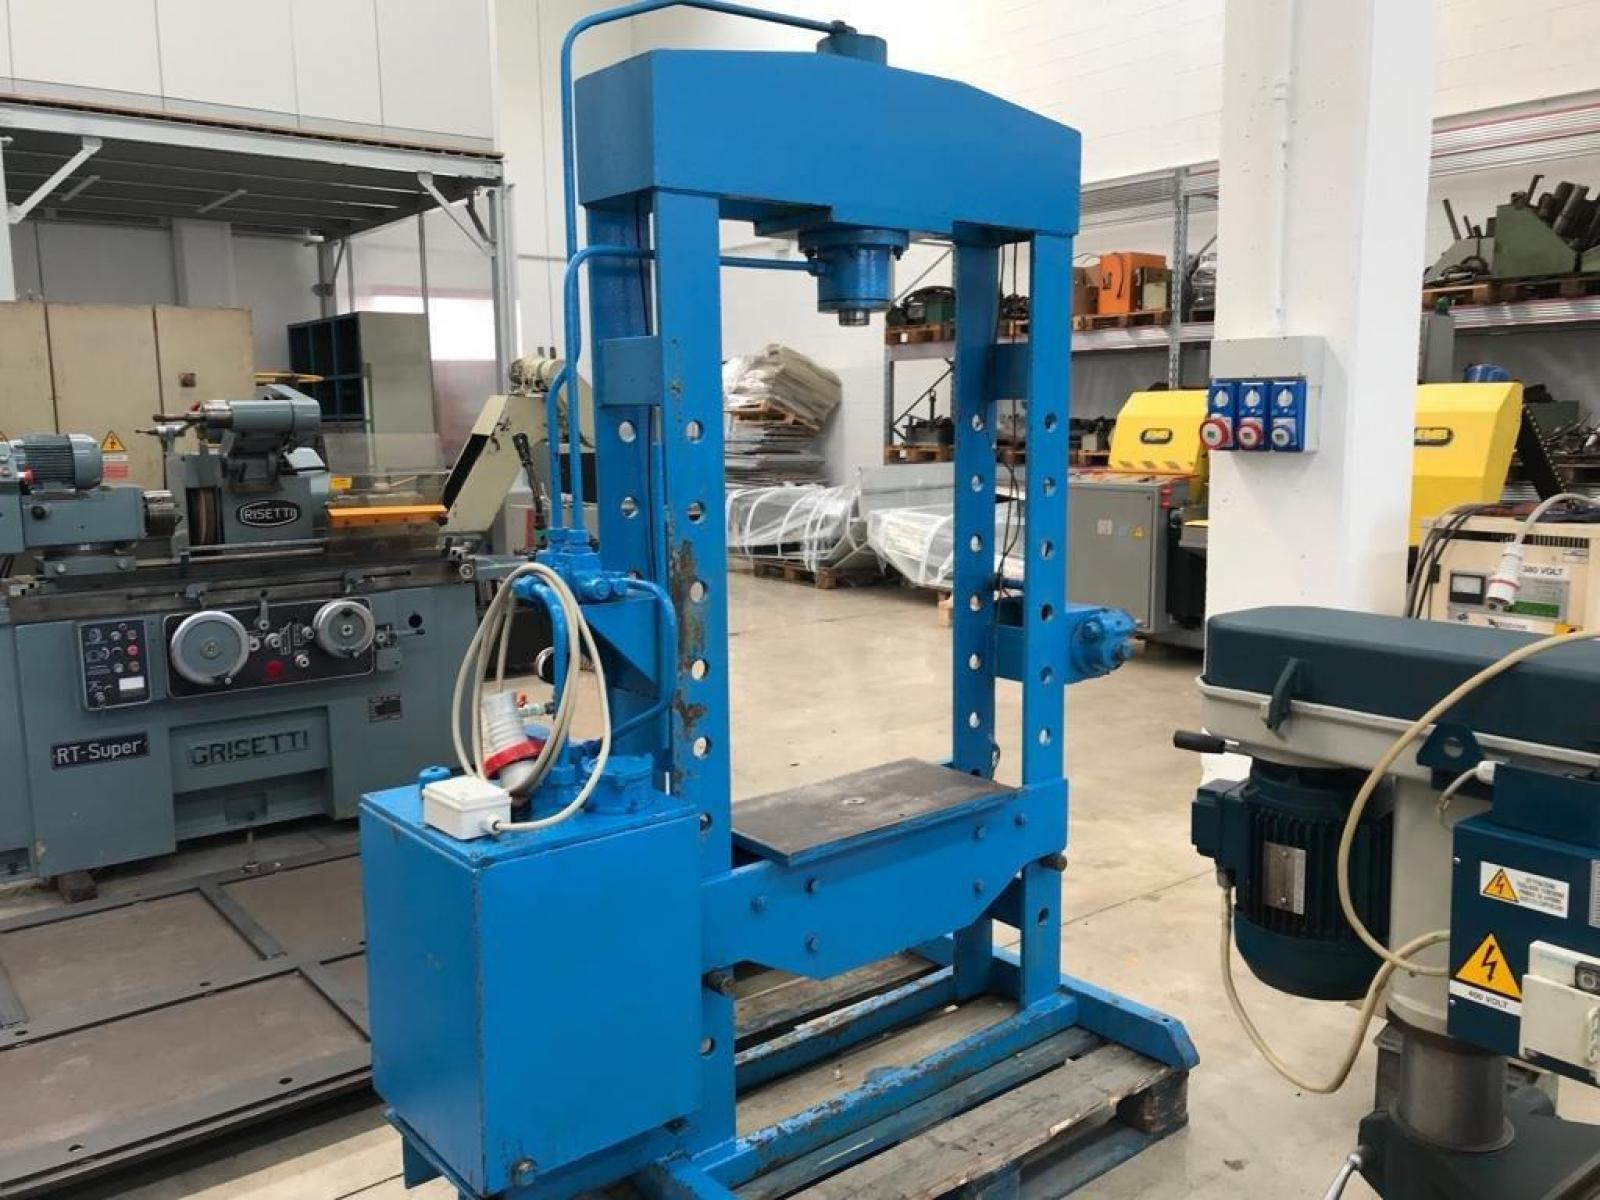 Pressa idraulica per officina for Pressa usata per officina